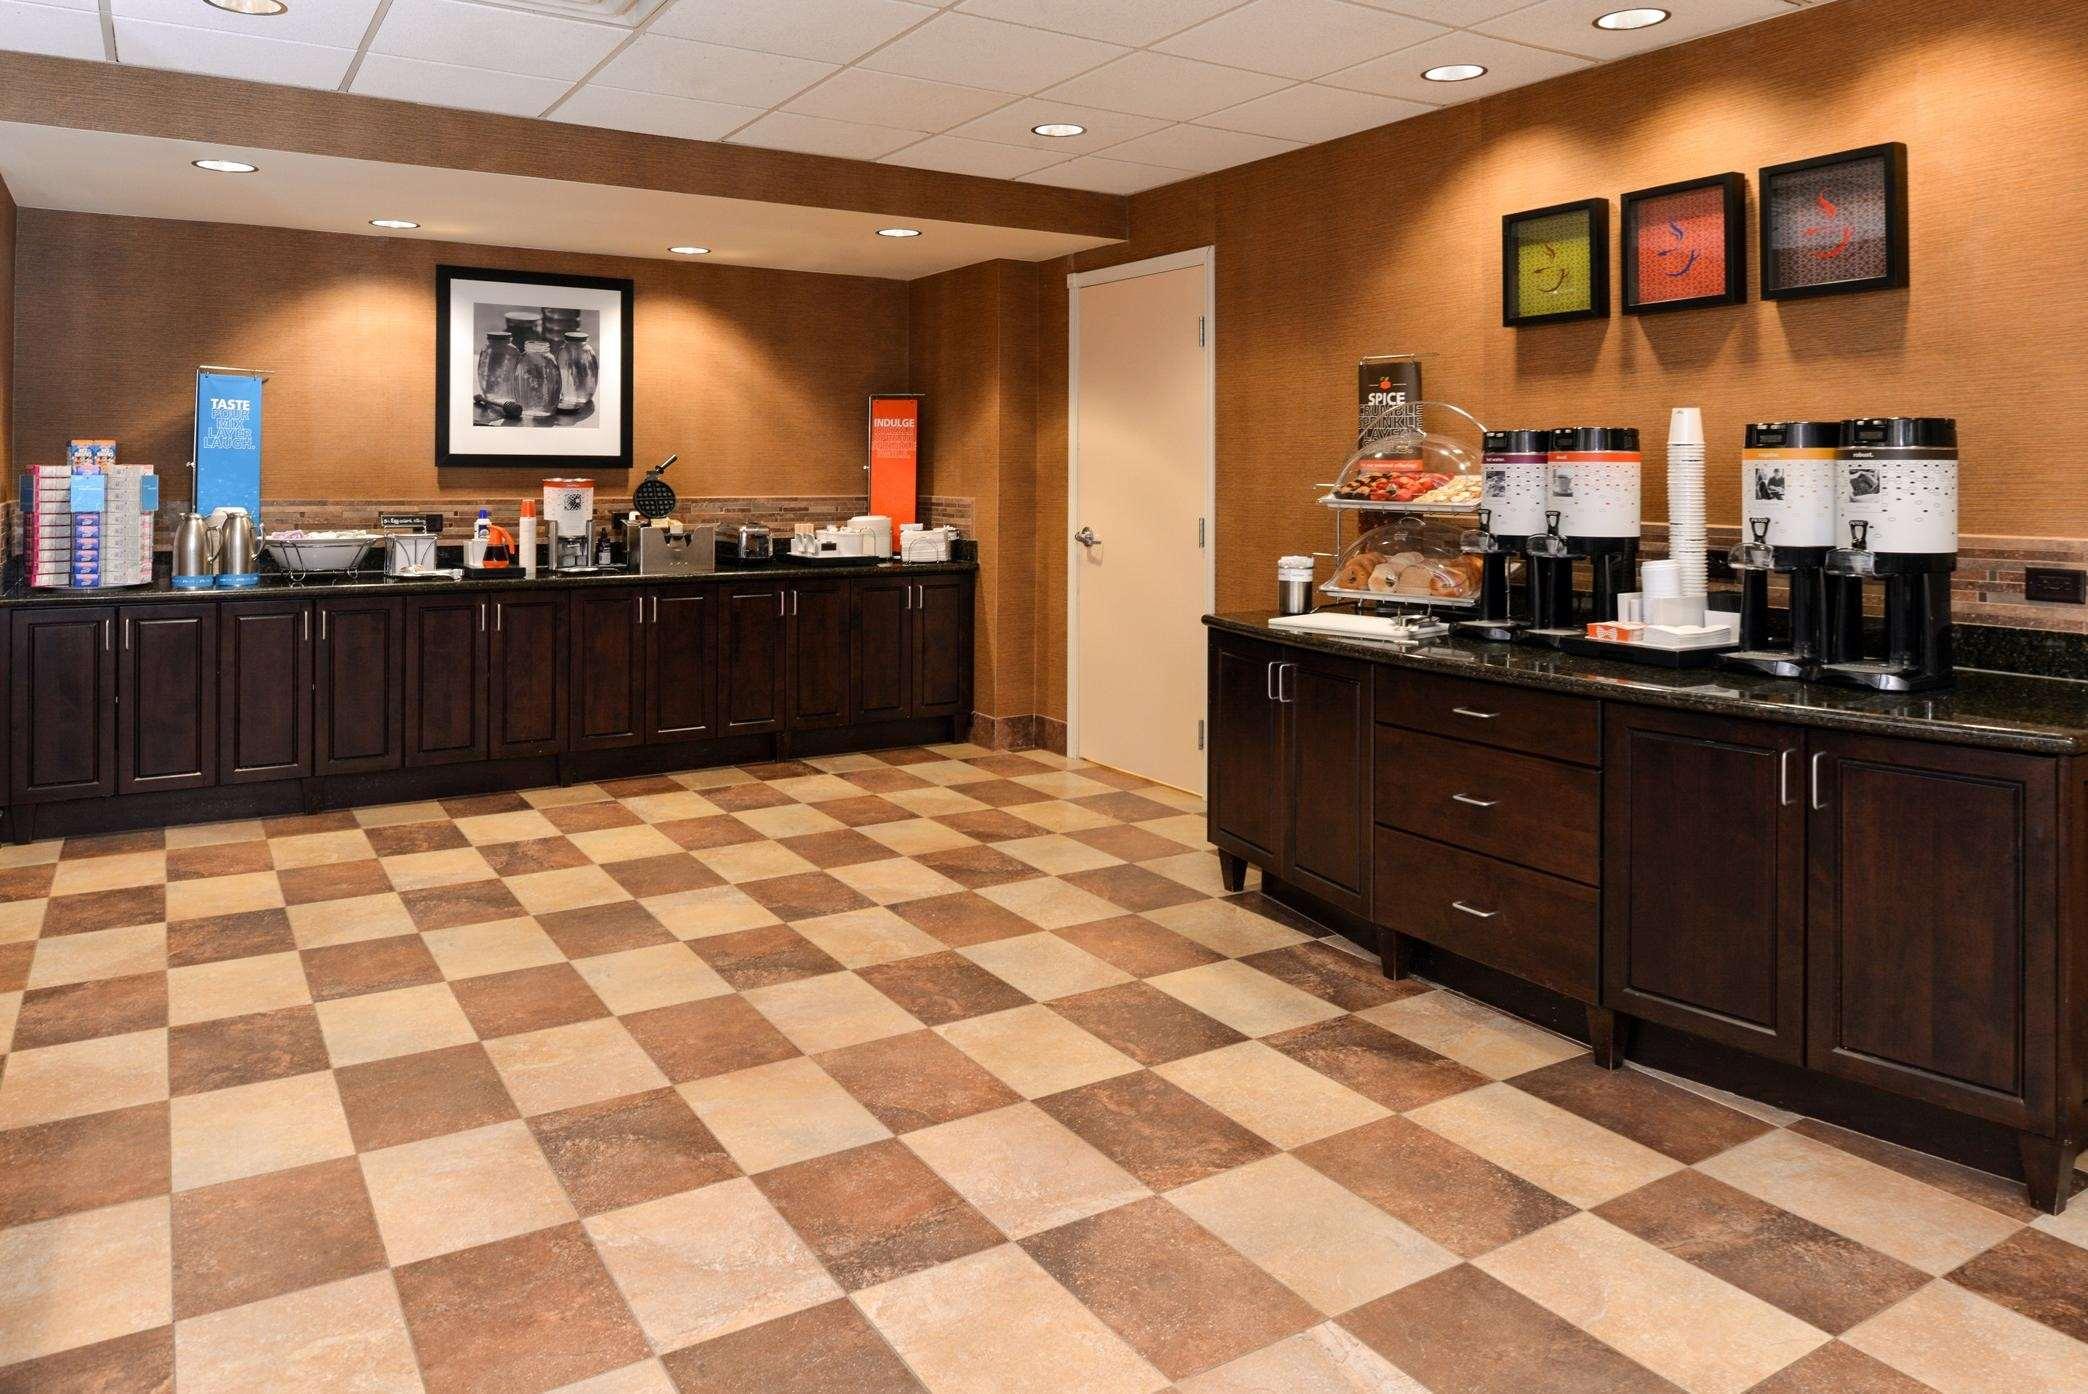 Hampton Inn & Suites Casper image 23